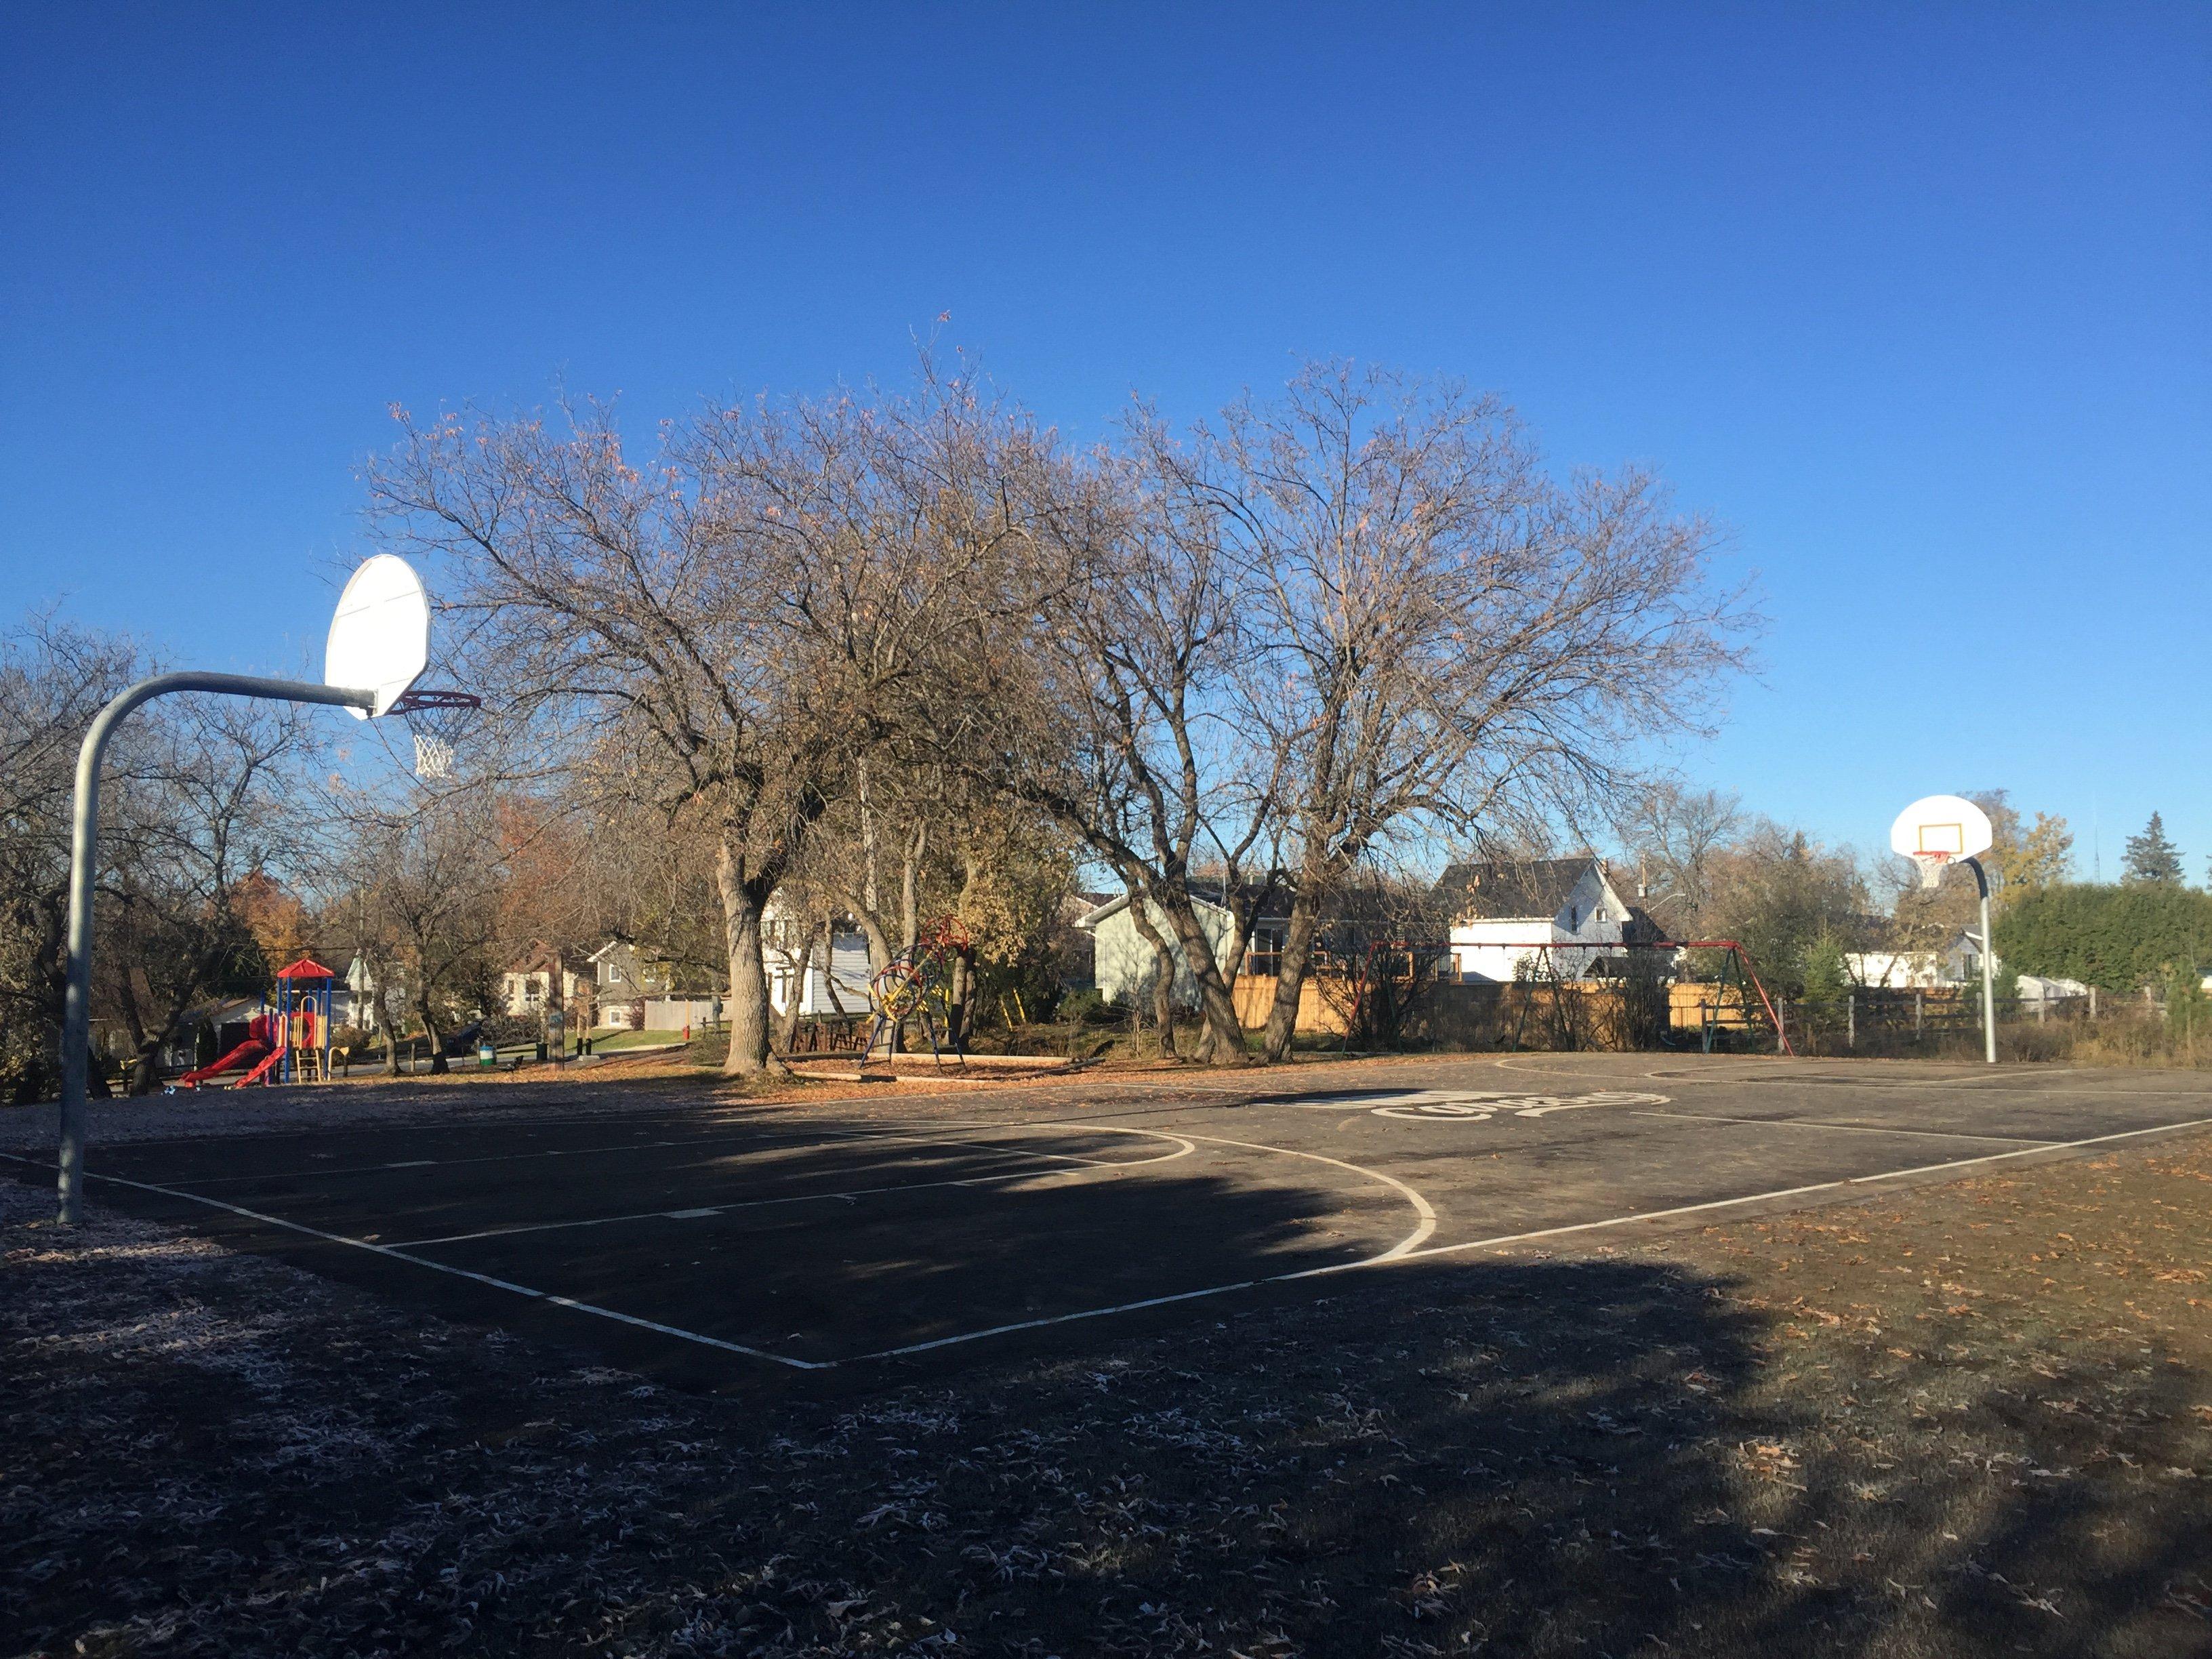 augusta-st-park-basketball-court-almonte